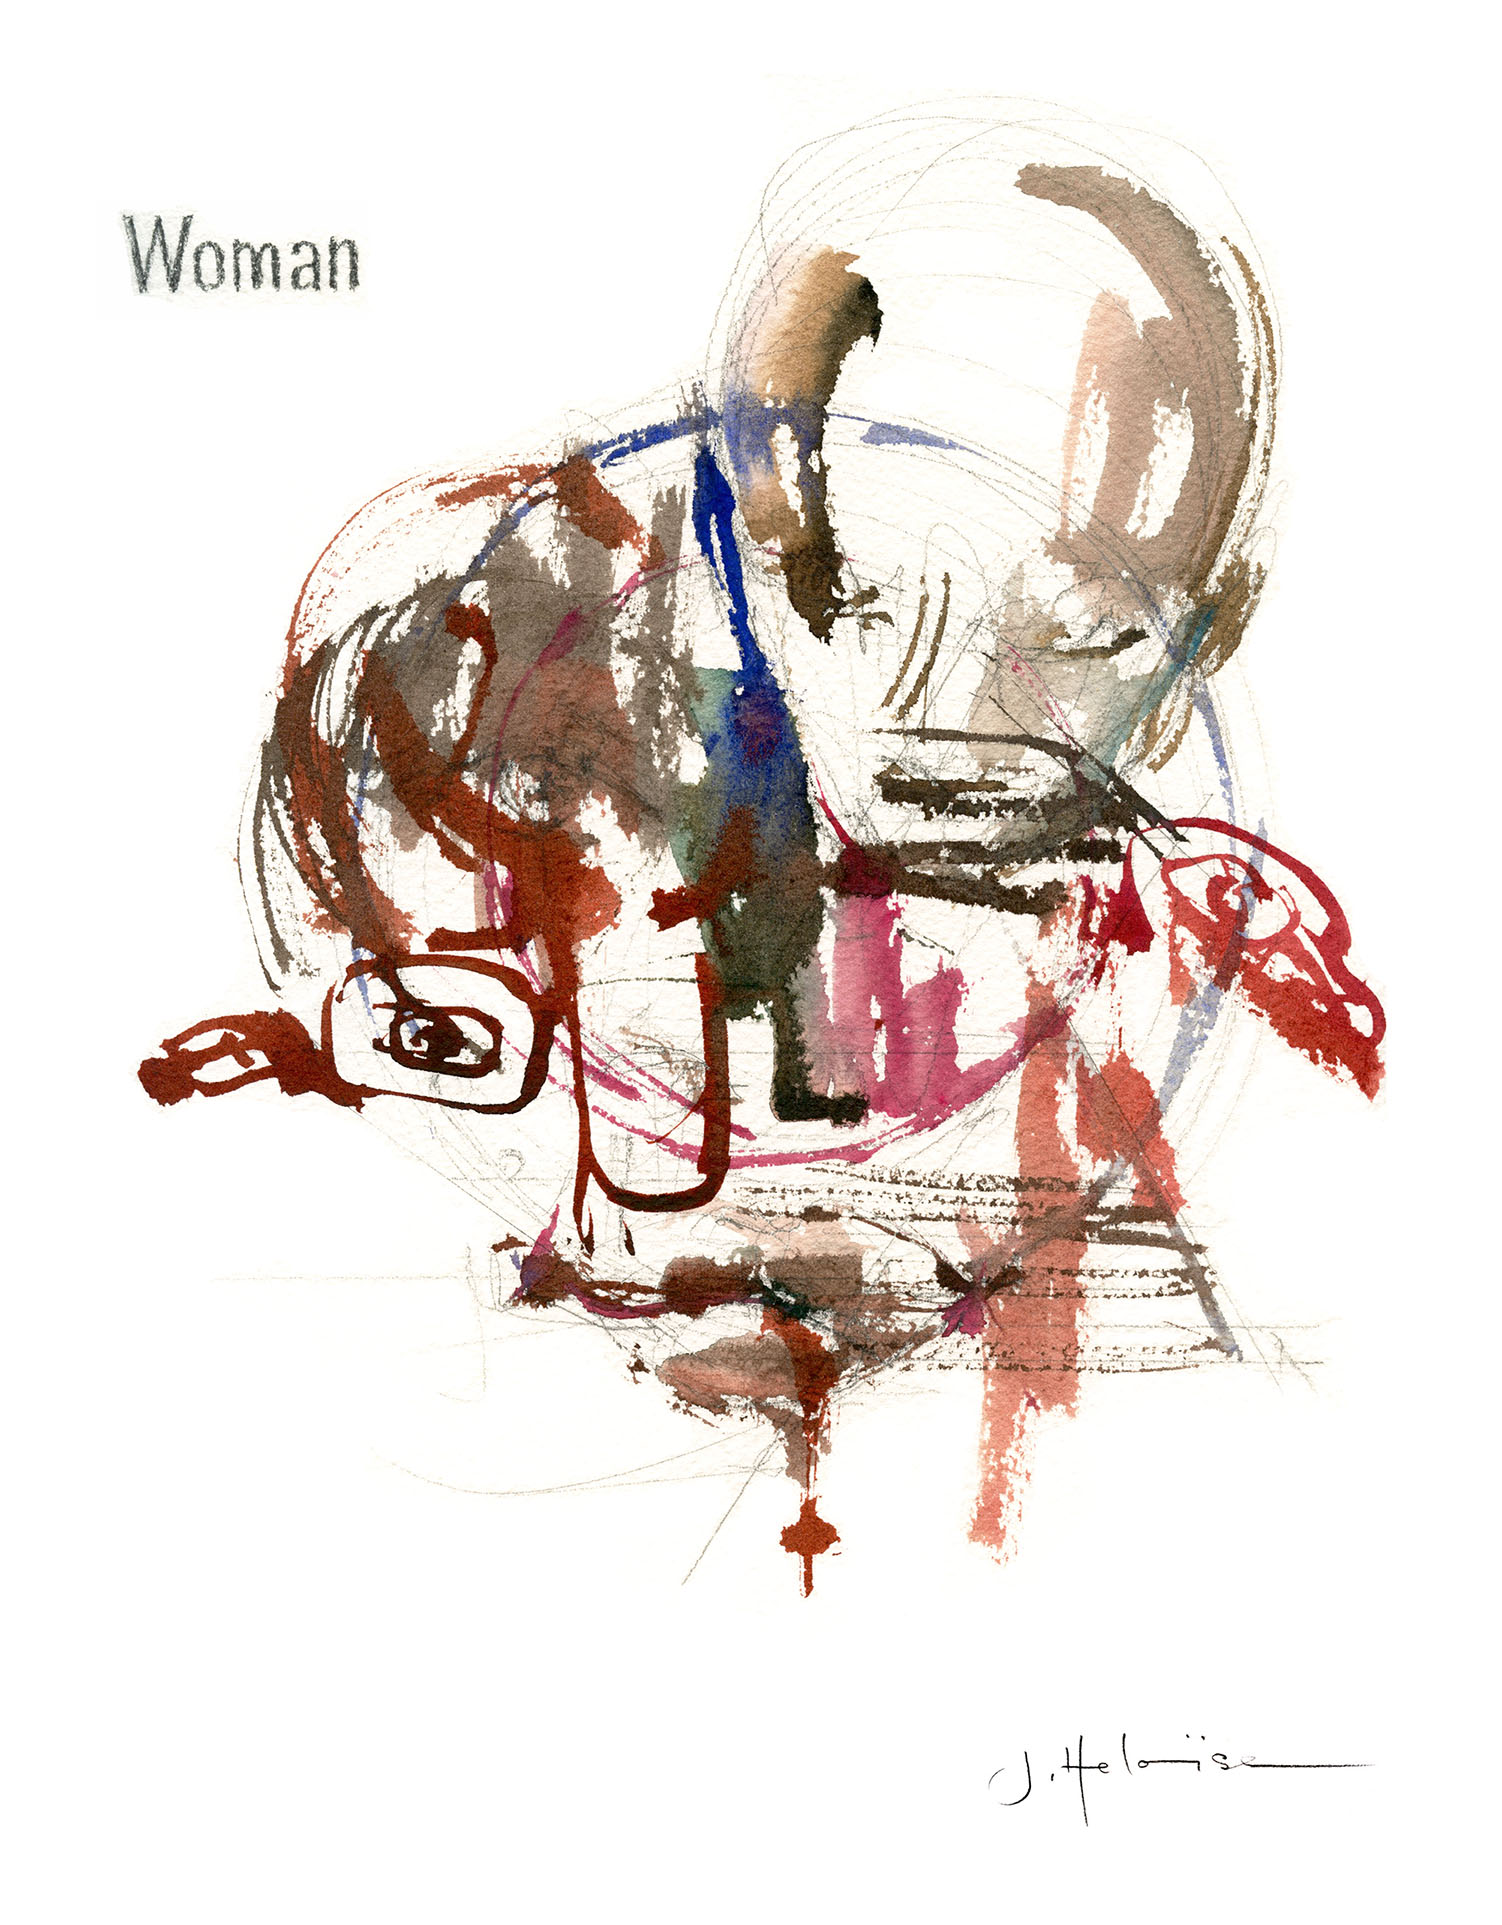 Woman, 2014